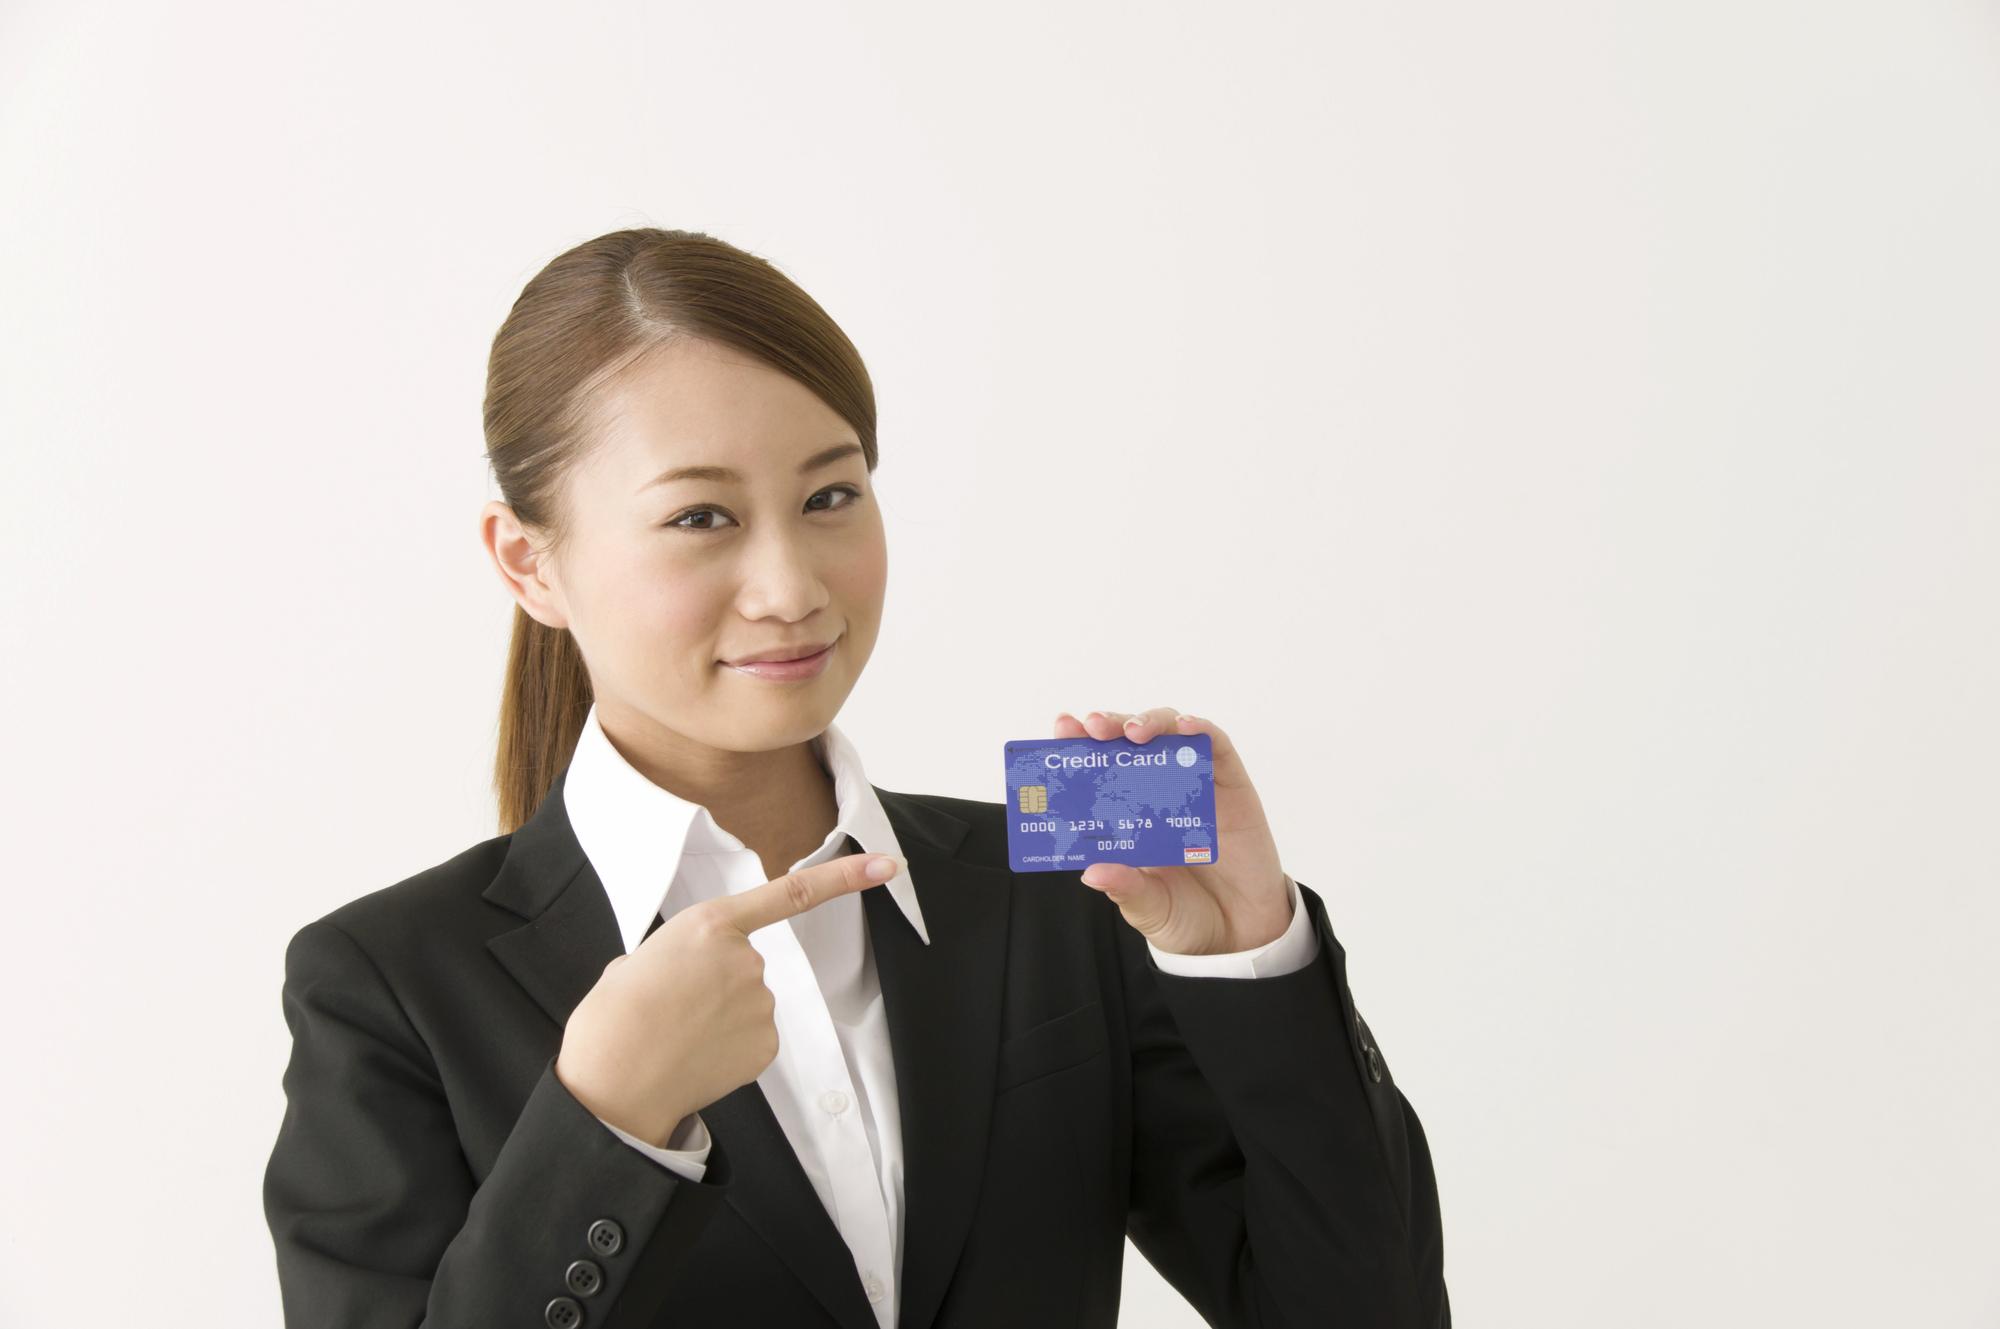 クレジットカードを指差す女性